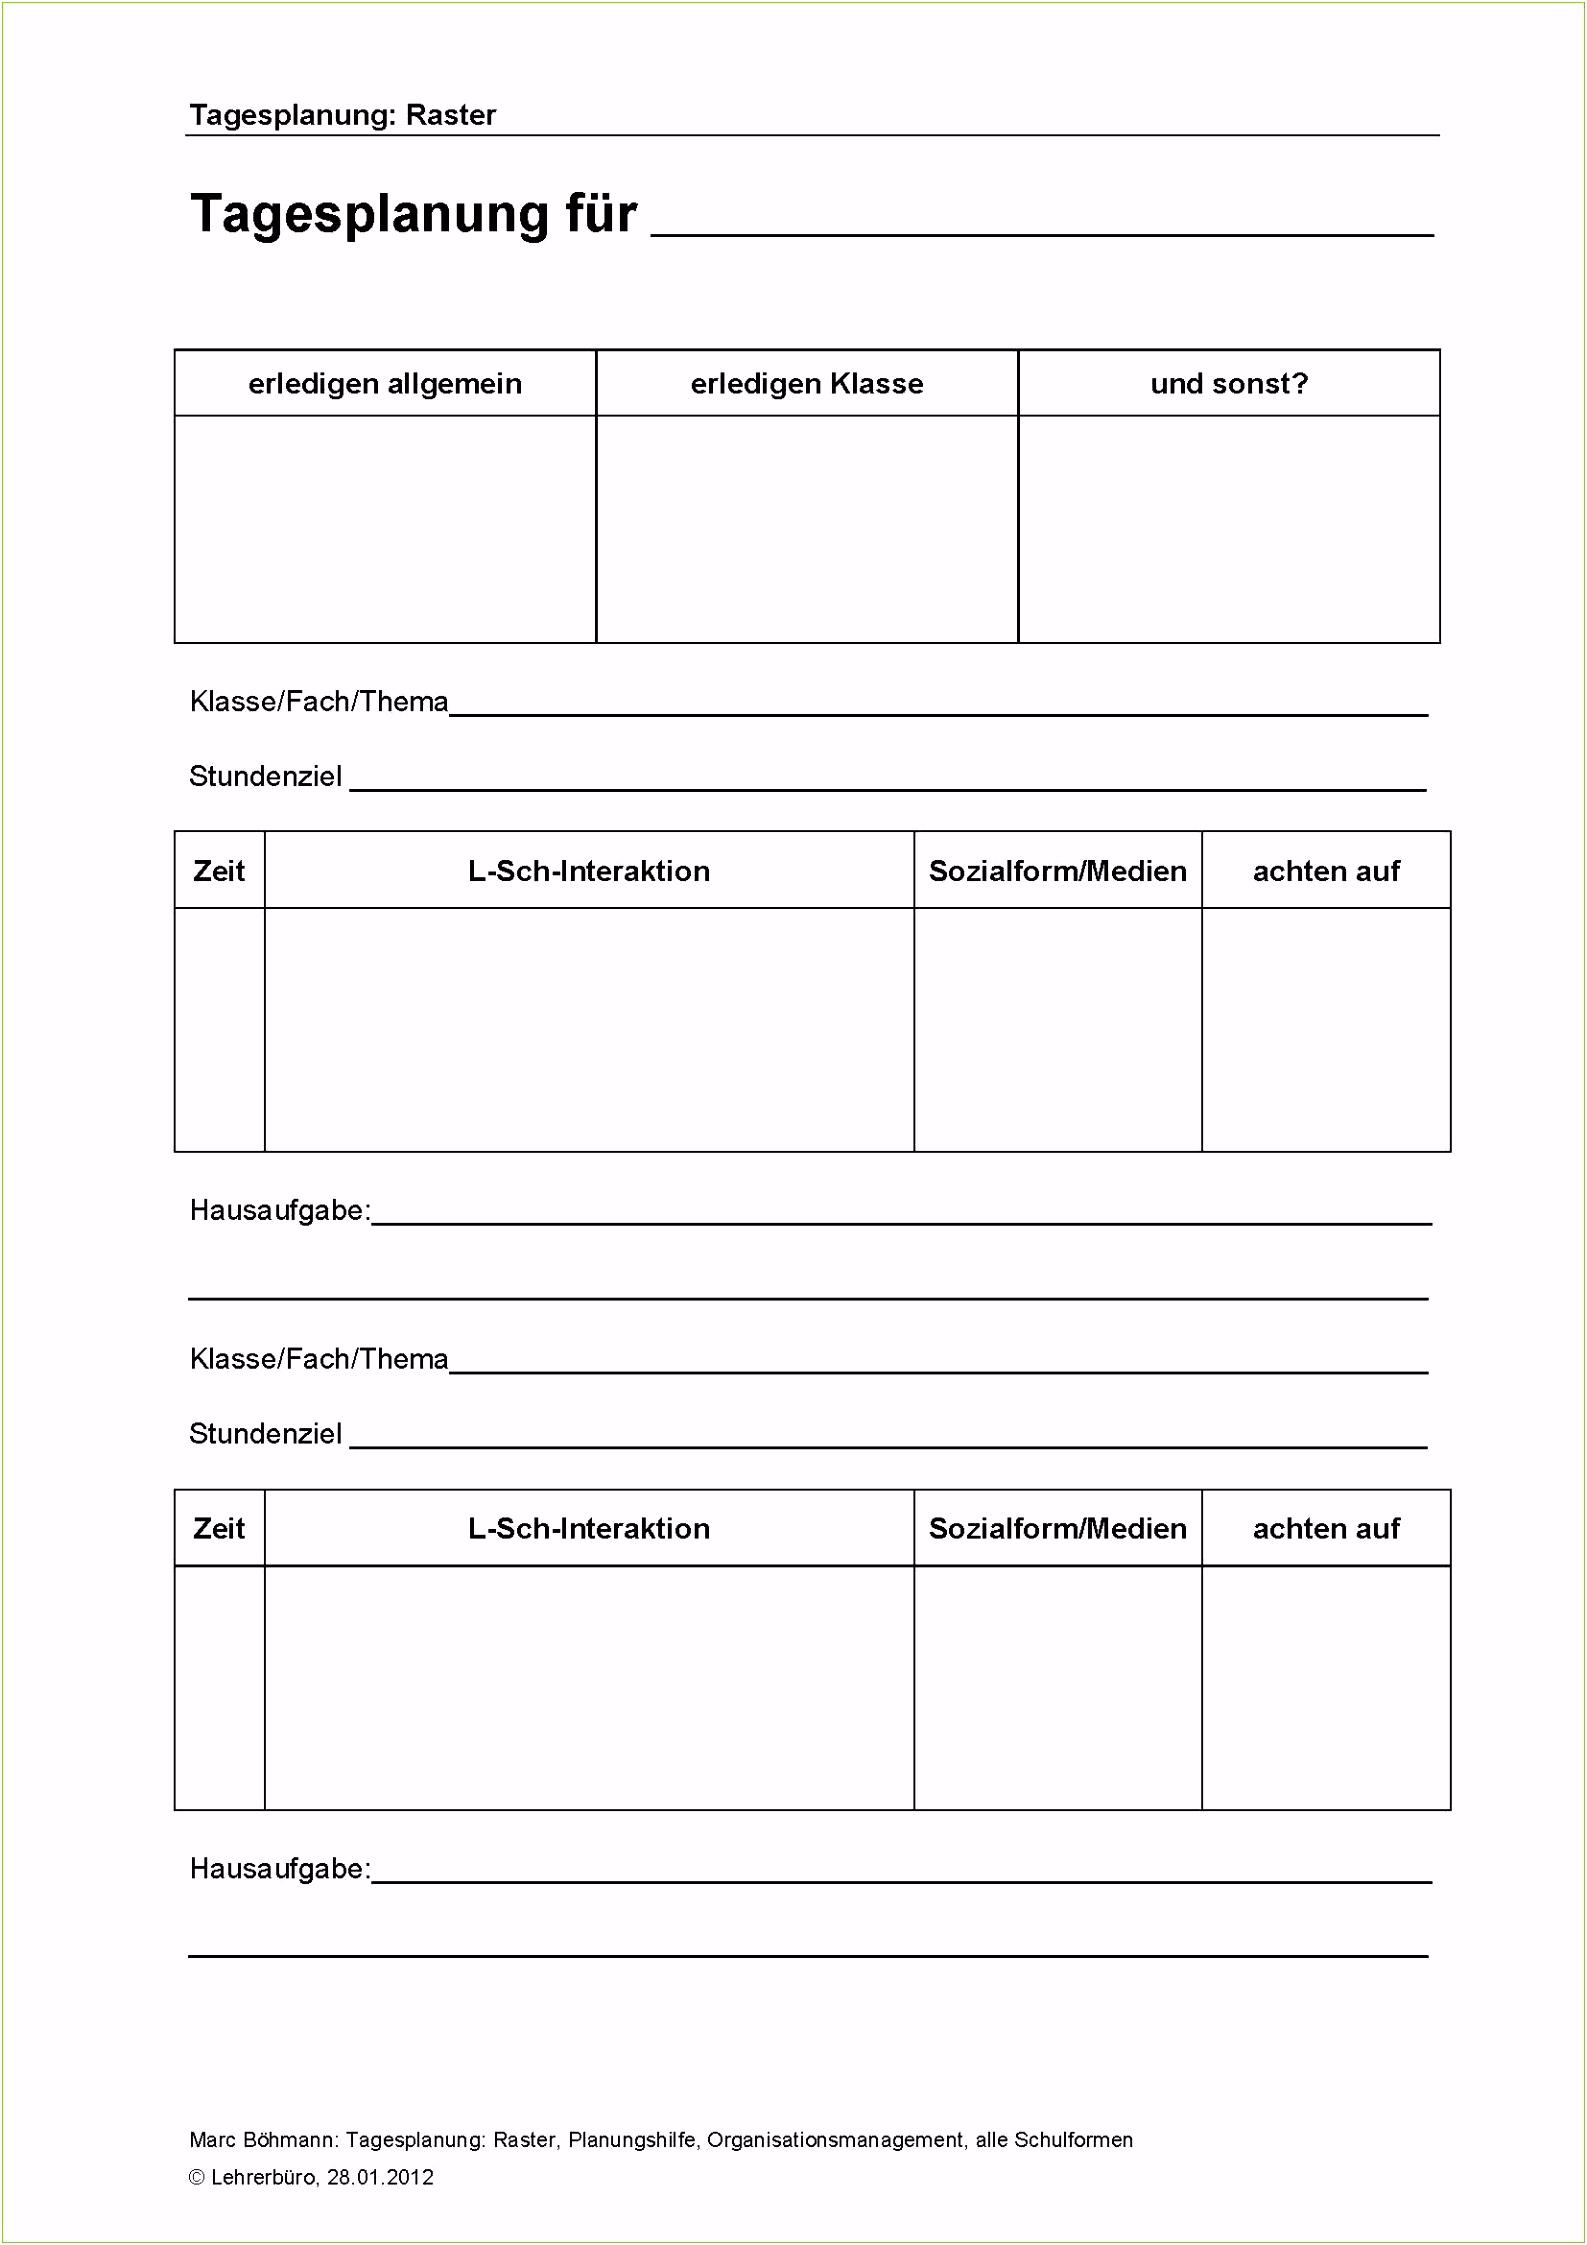 Beobachtungsbogen Kita Vorlage 45 Luxus Entwicklungsbericht Kindergarten Grafik H2nk77ceb6 Qsdrm2umf6